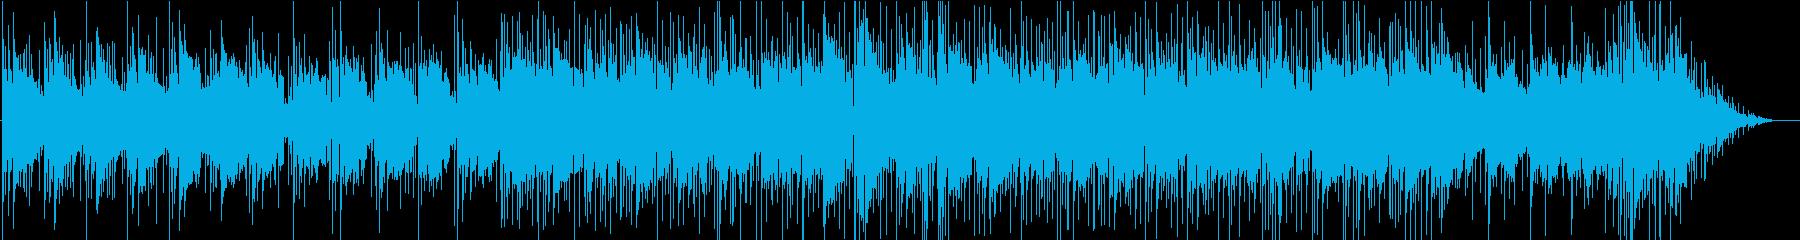 オトナのラテンジャズ風がクール!の再生済みの波形